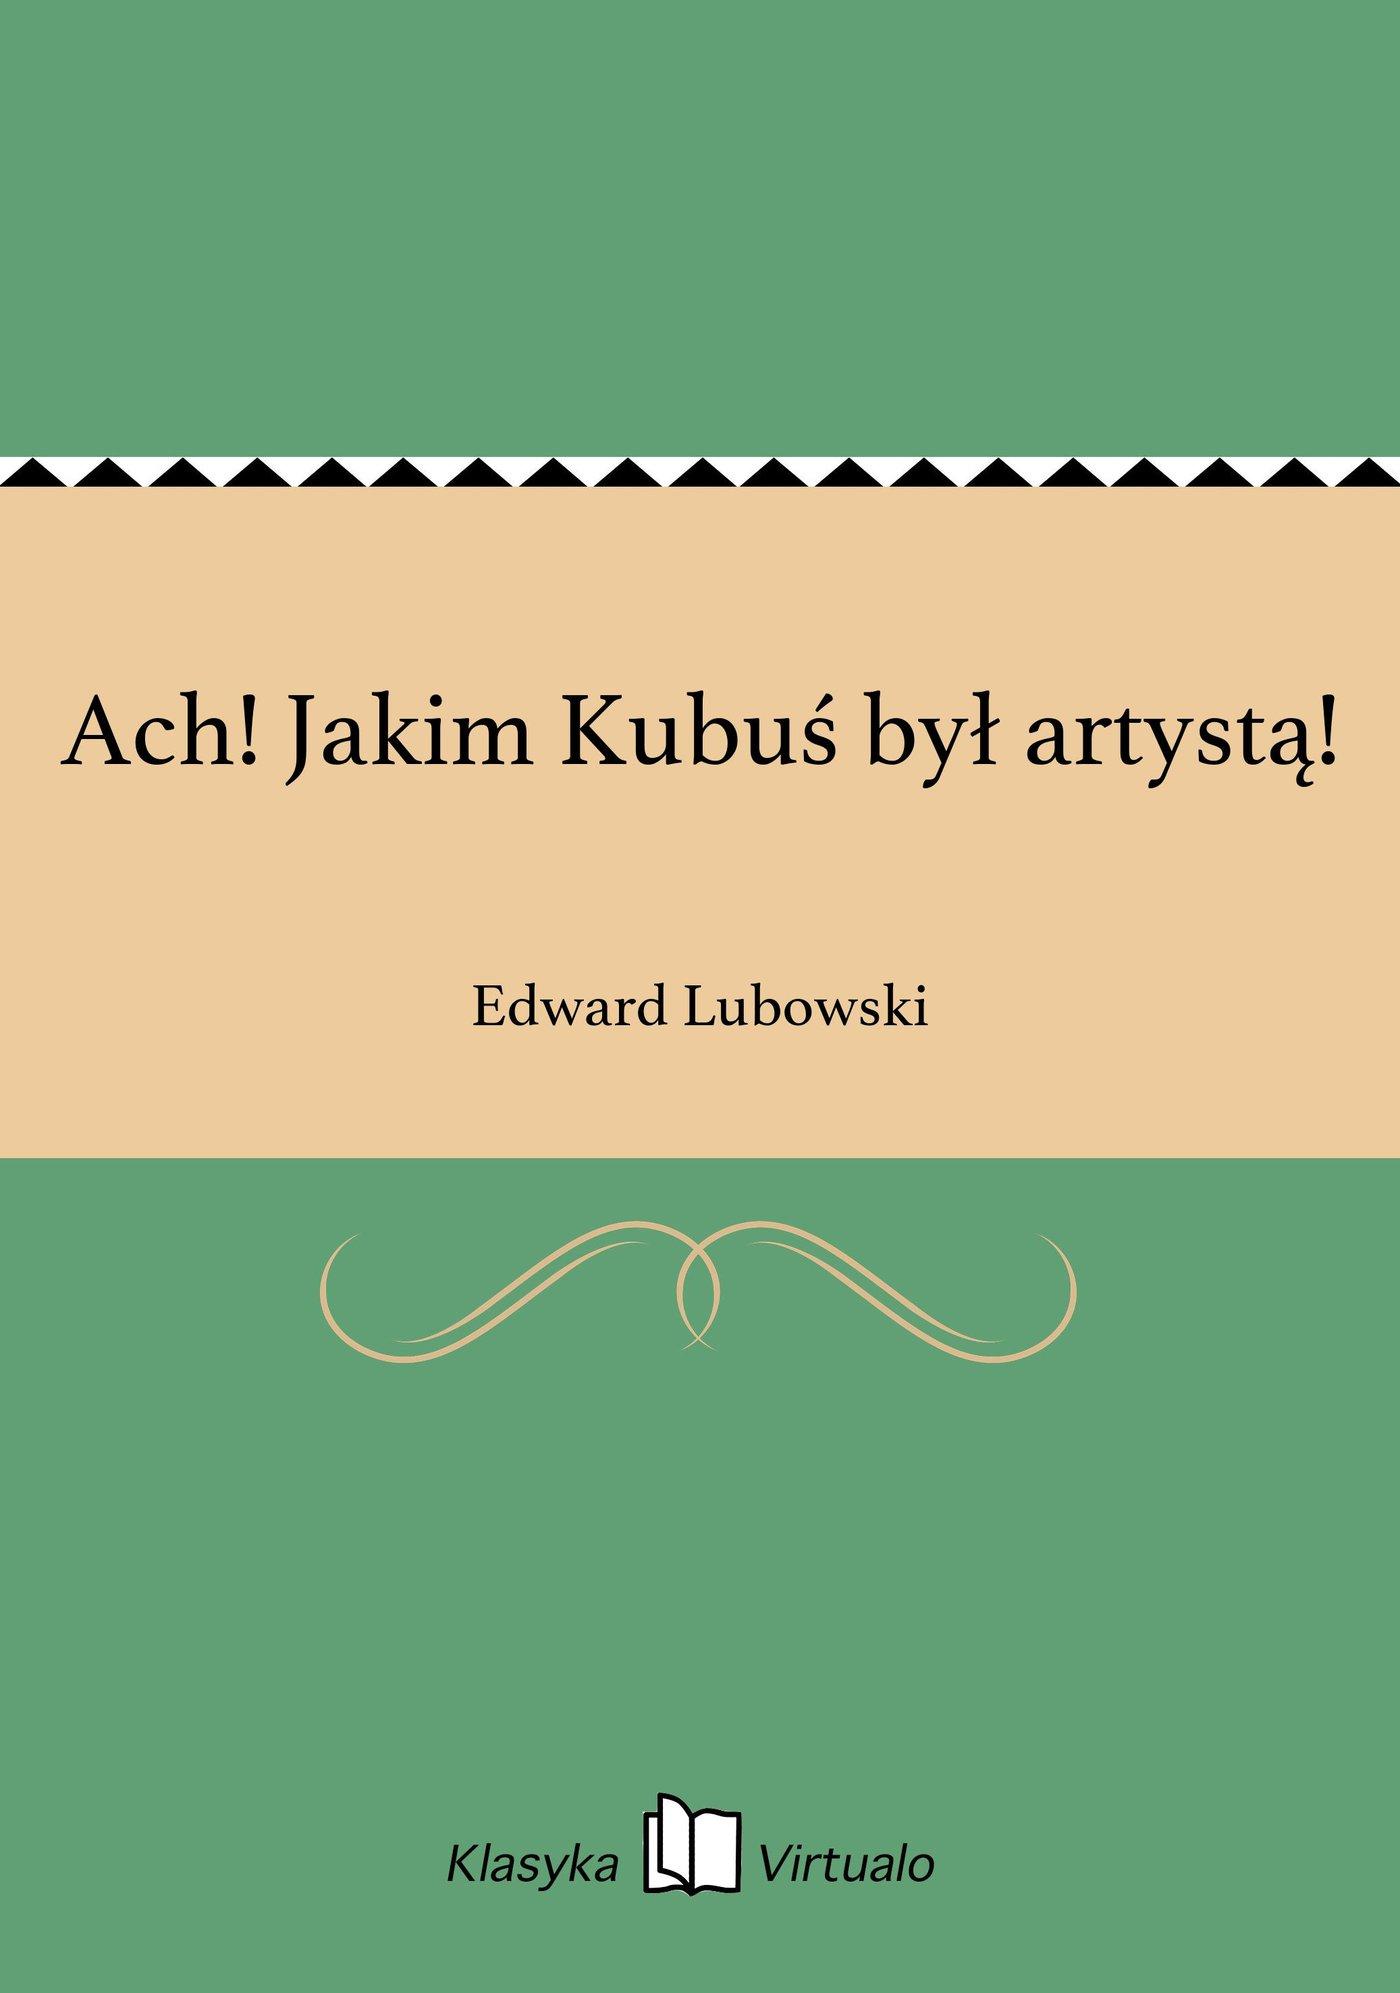 Ach! Jakim Kubuś był artystą! - Ebook (Książka EPUB) do pobrania w formacie EPUB